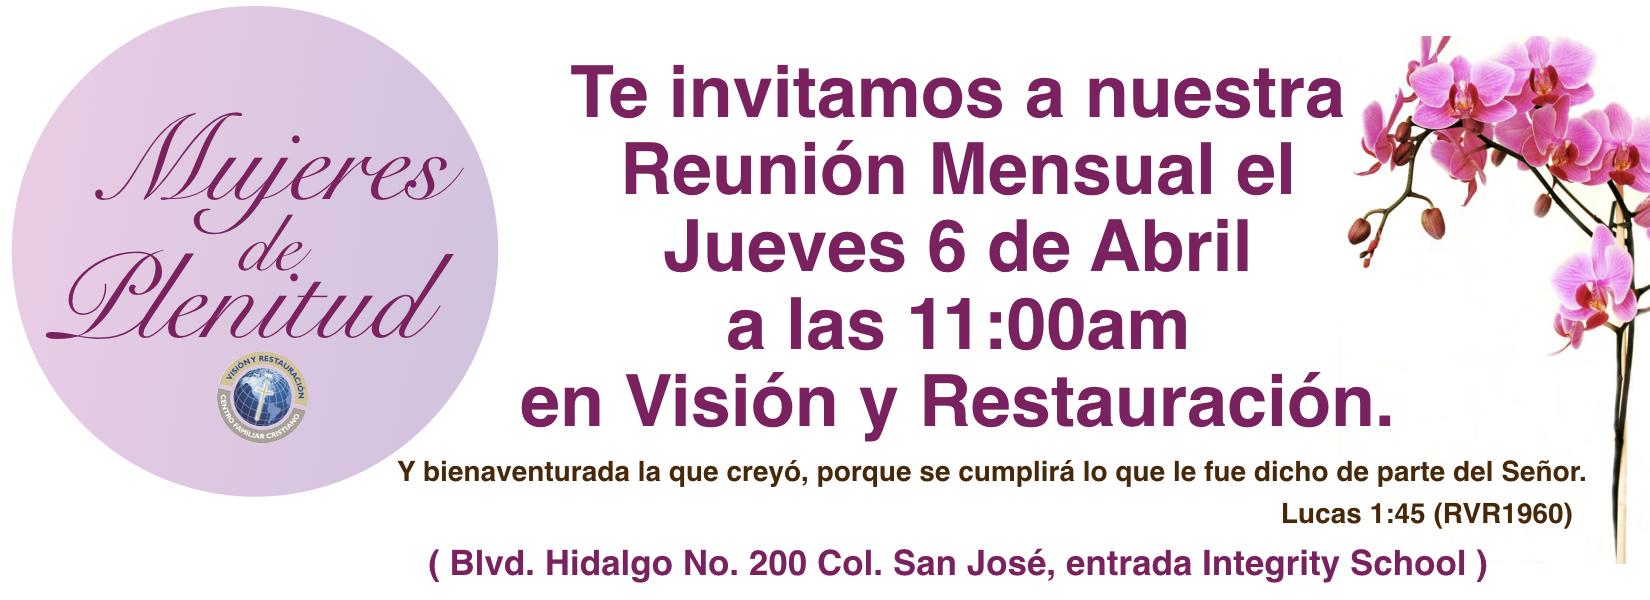 REUNIÓN MENSUAL MUJERES DE PLENITUD